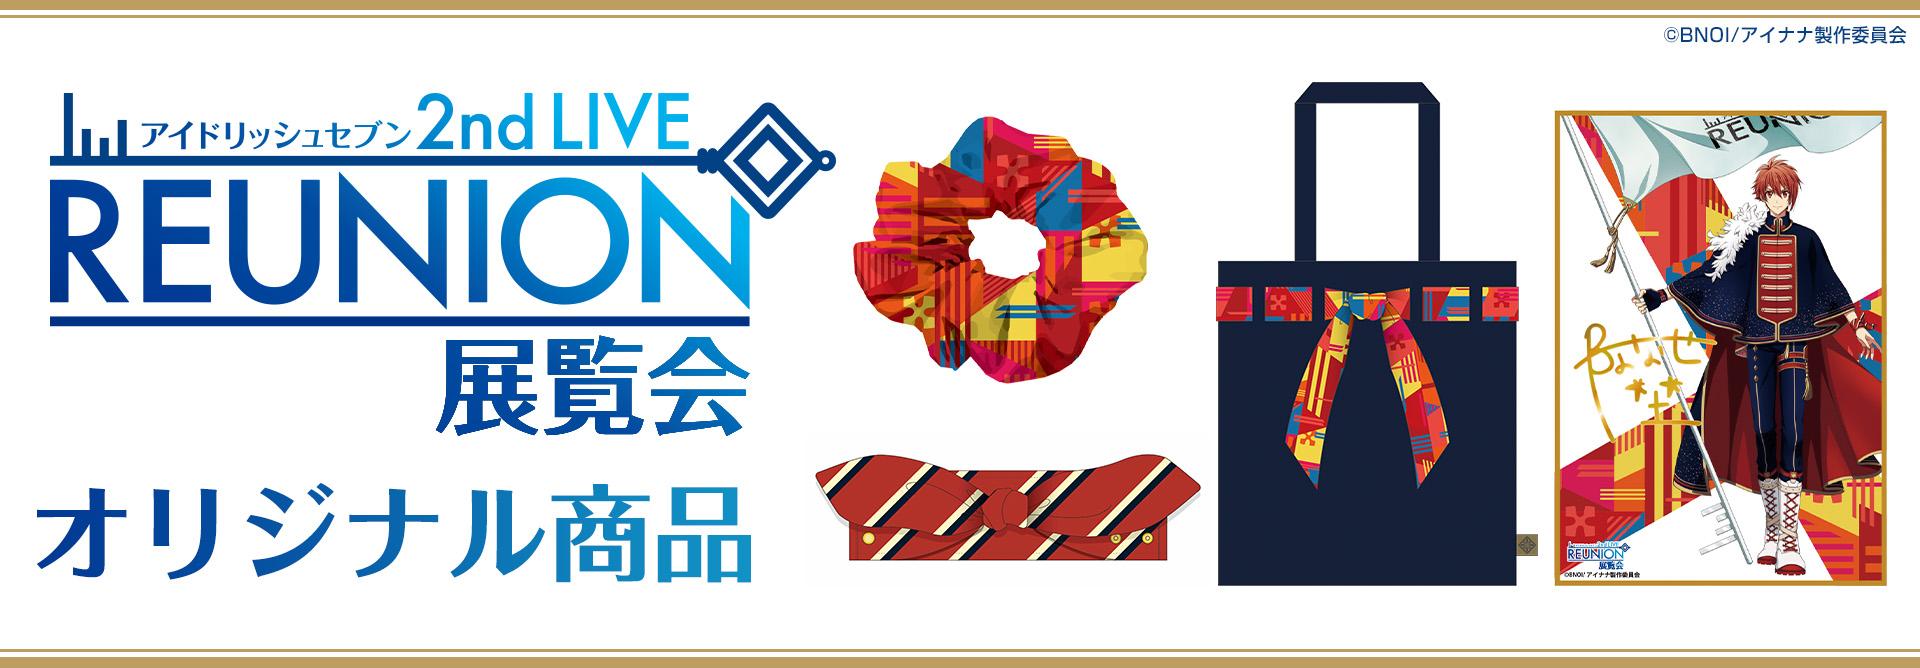 『アイドリッシュセブン 2nd LIVE 「REUNION」展覧会』オリジナル商品